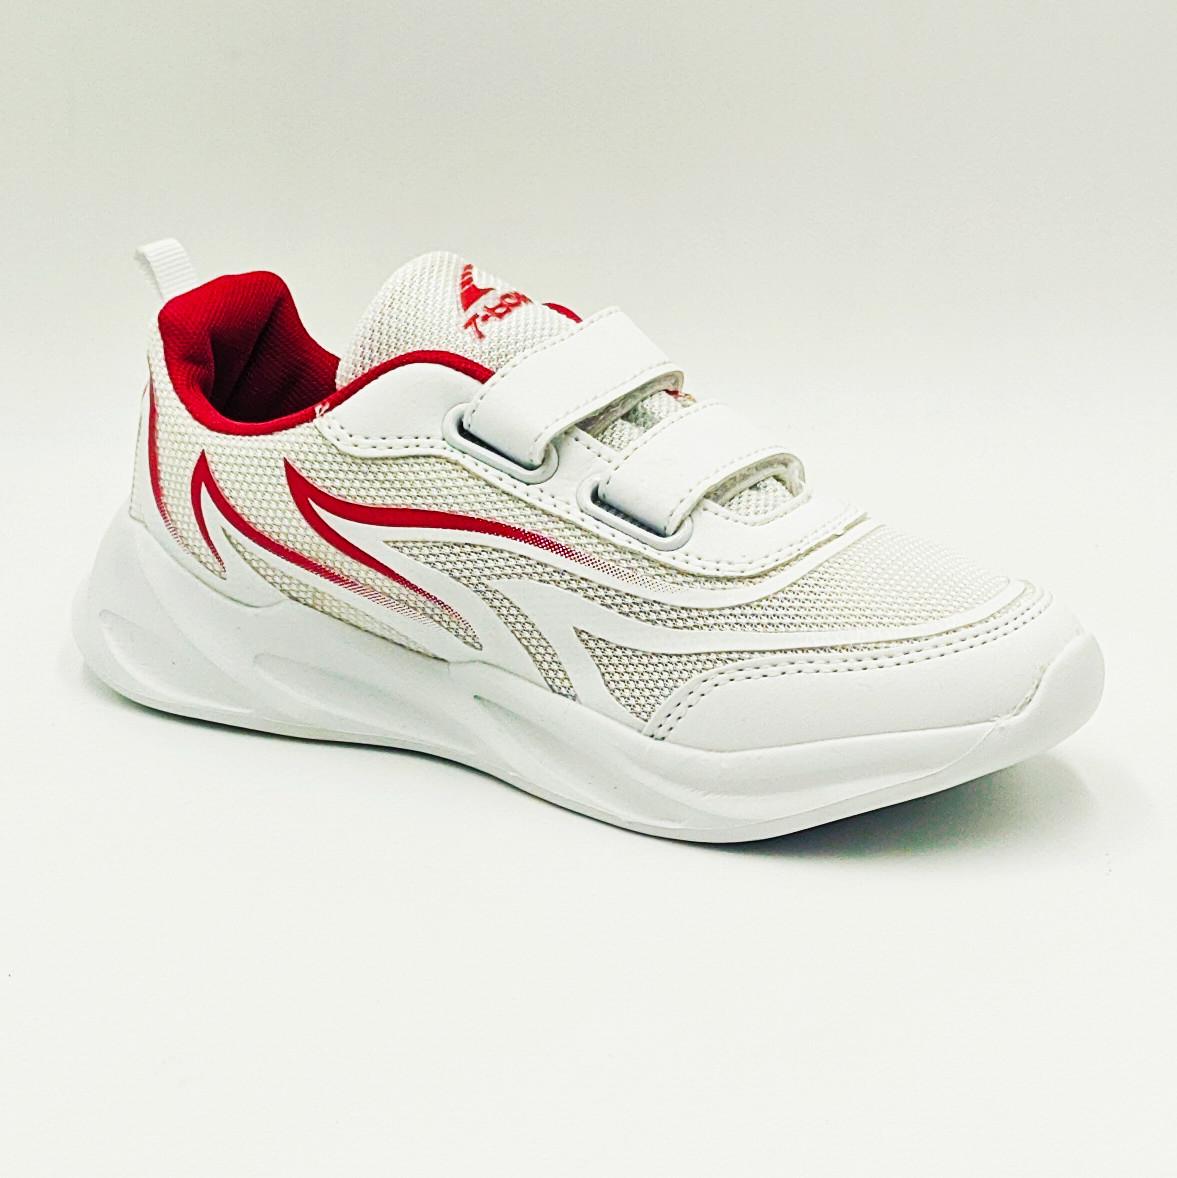 Кроссовки детские GABIS C994-20 100904 33 21.0 см Белый с красным